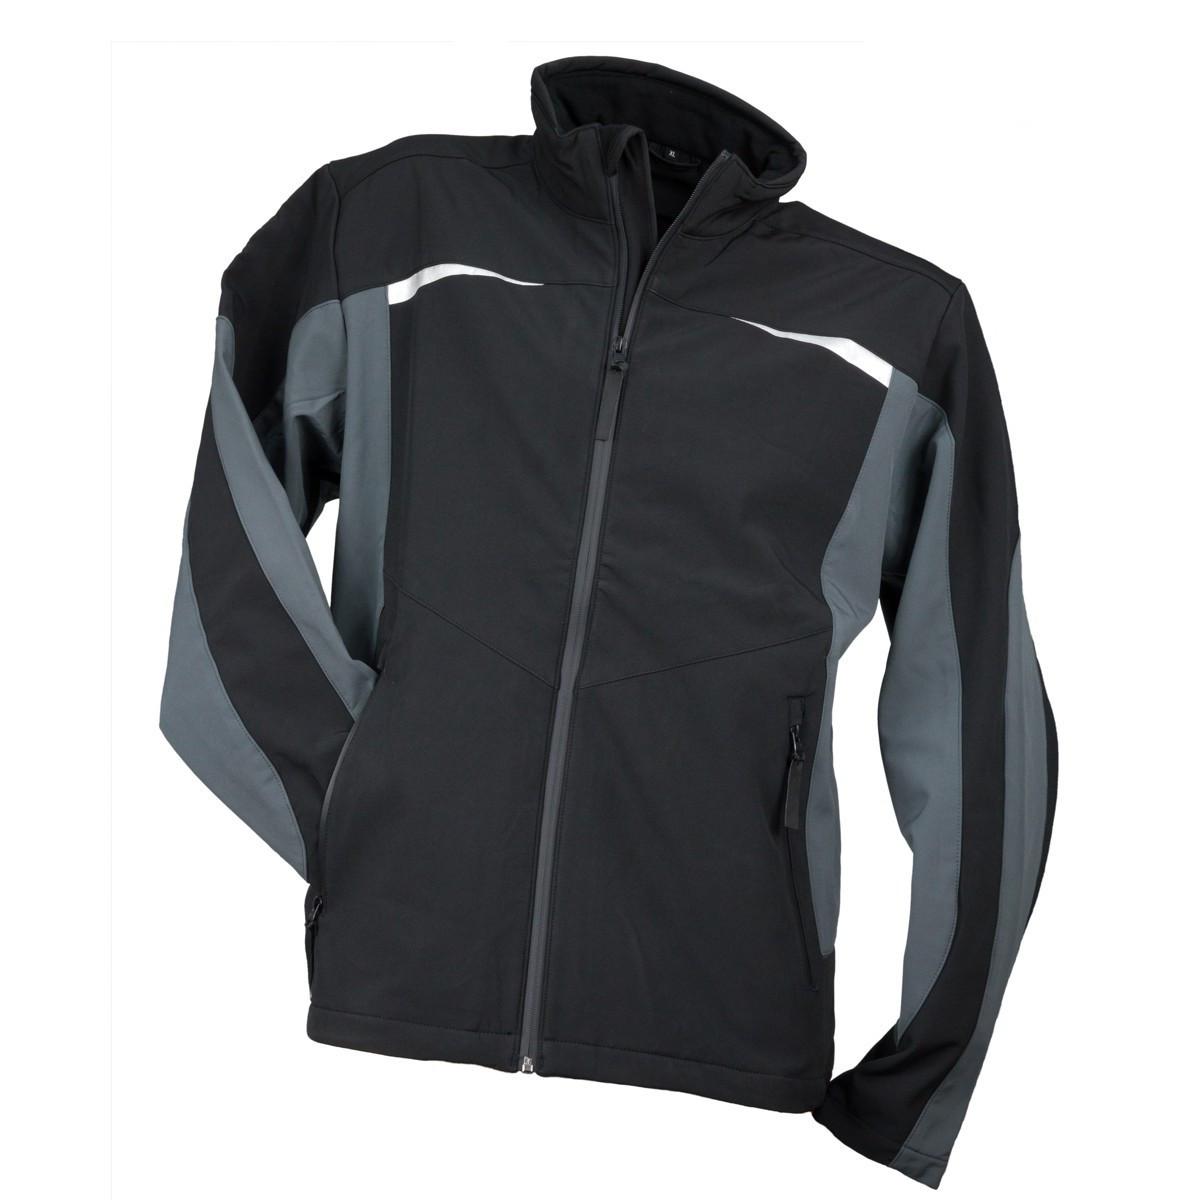 Куртка рабочая KURTKA SOFTSHELL SF-1241 ANTHRACIT из флисовой подкладкой  Urgent (POLAND)